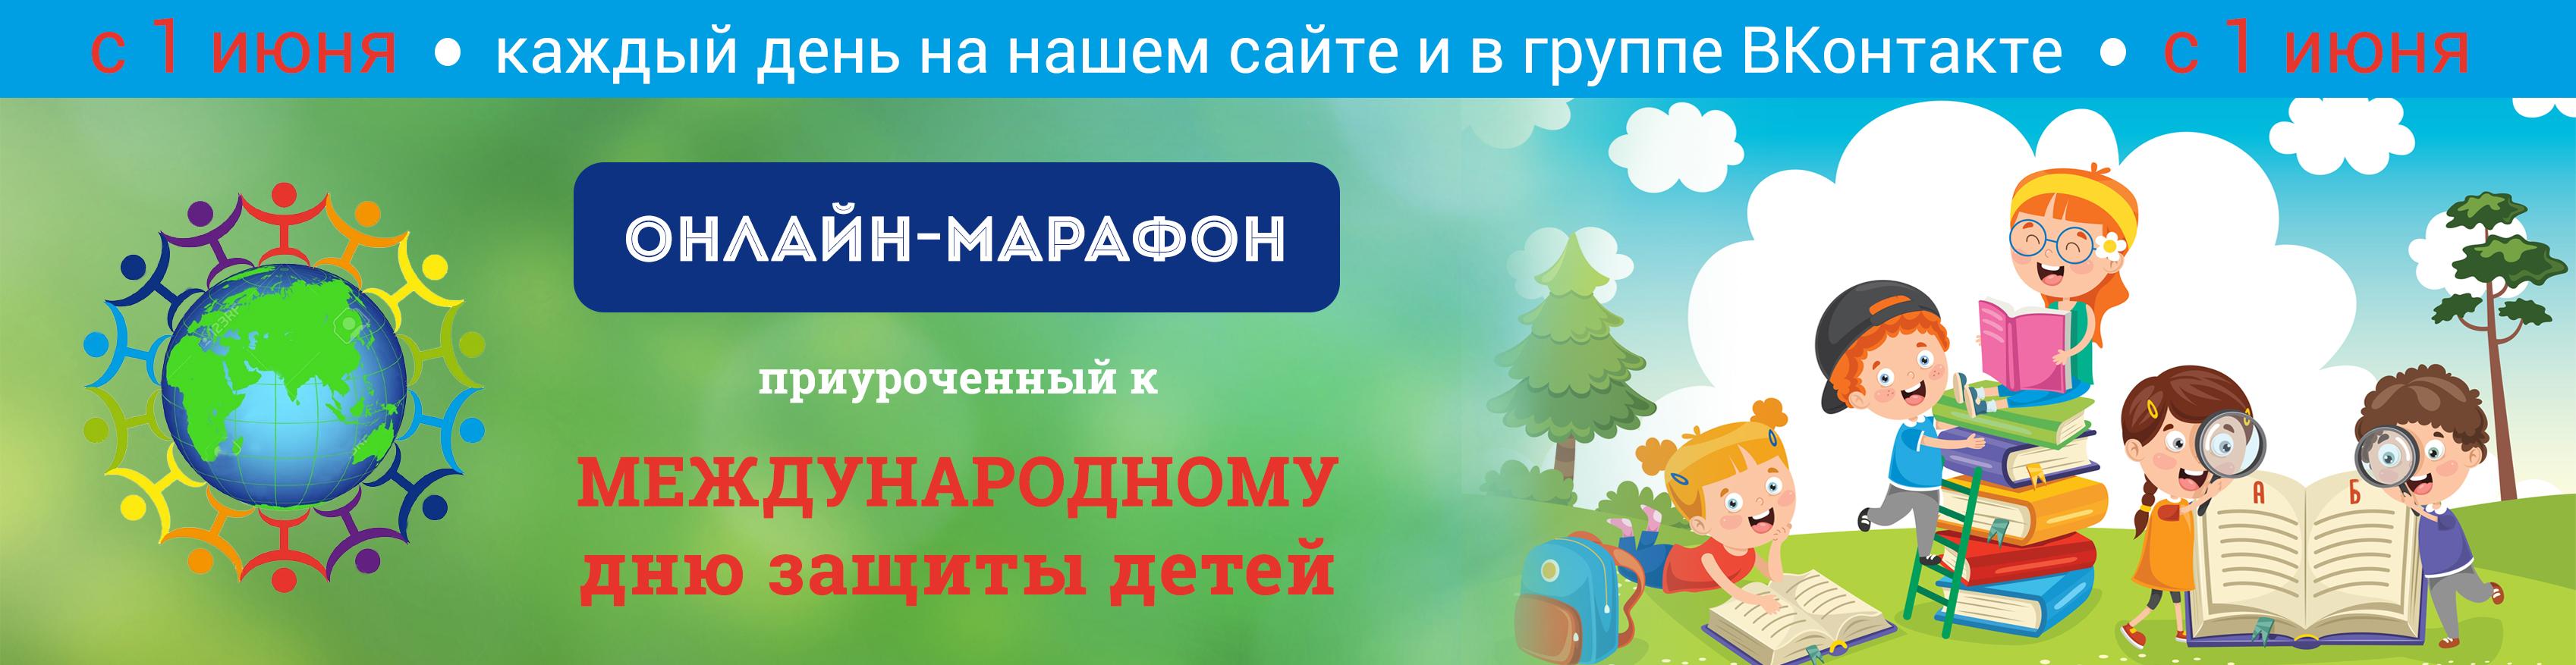 Детский онлайн марафон, каждый день на нашем сайте и группе вконтакте